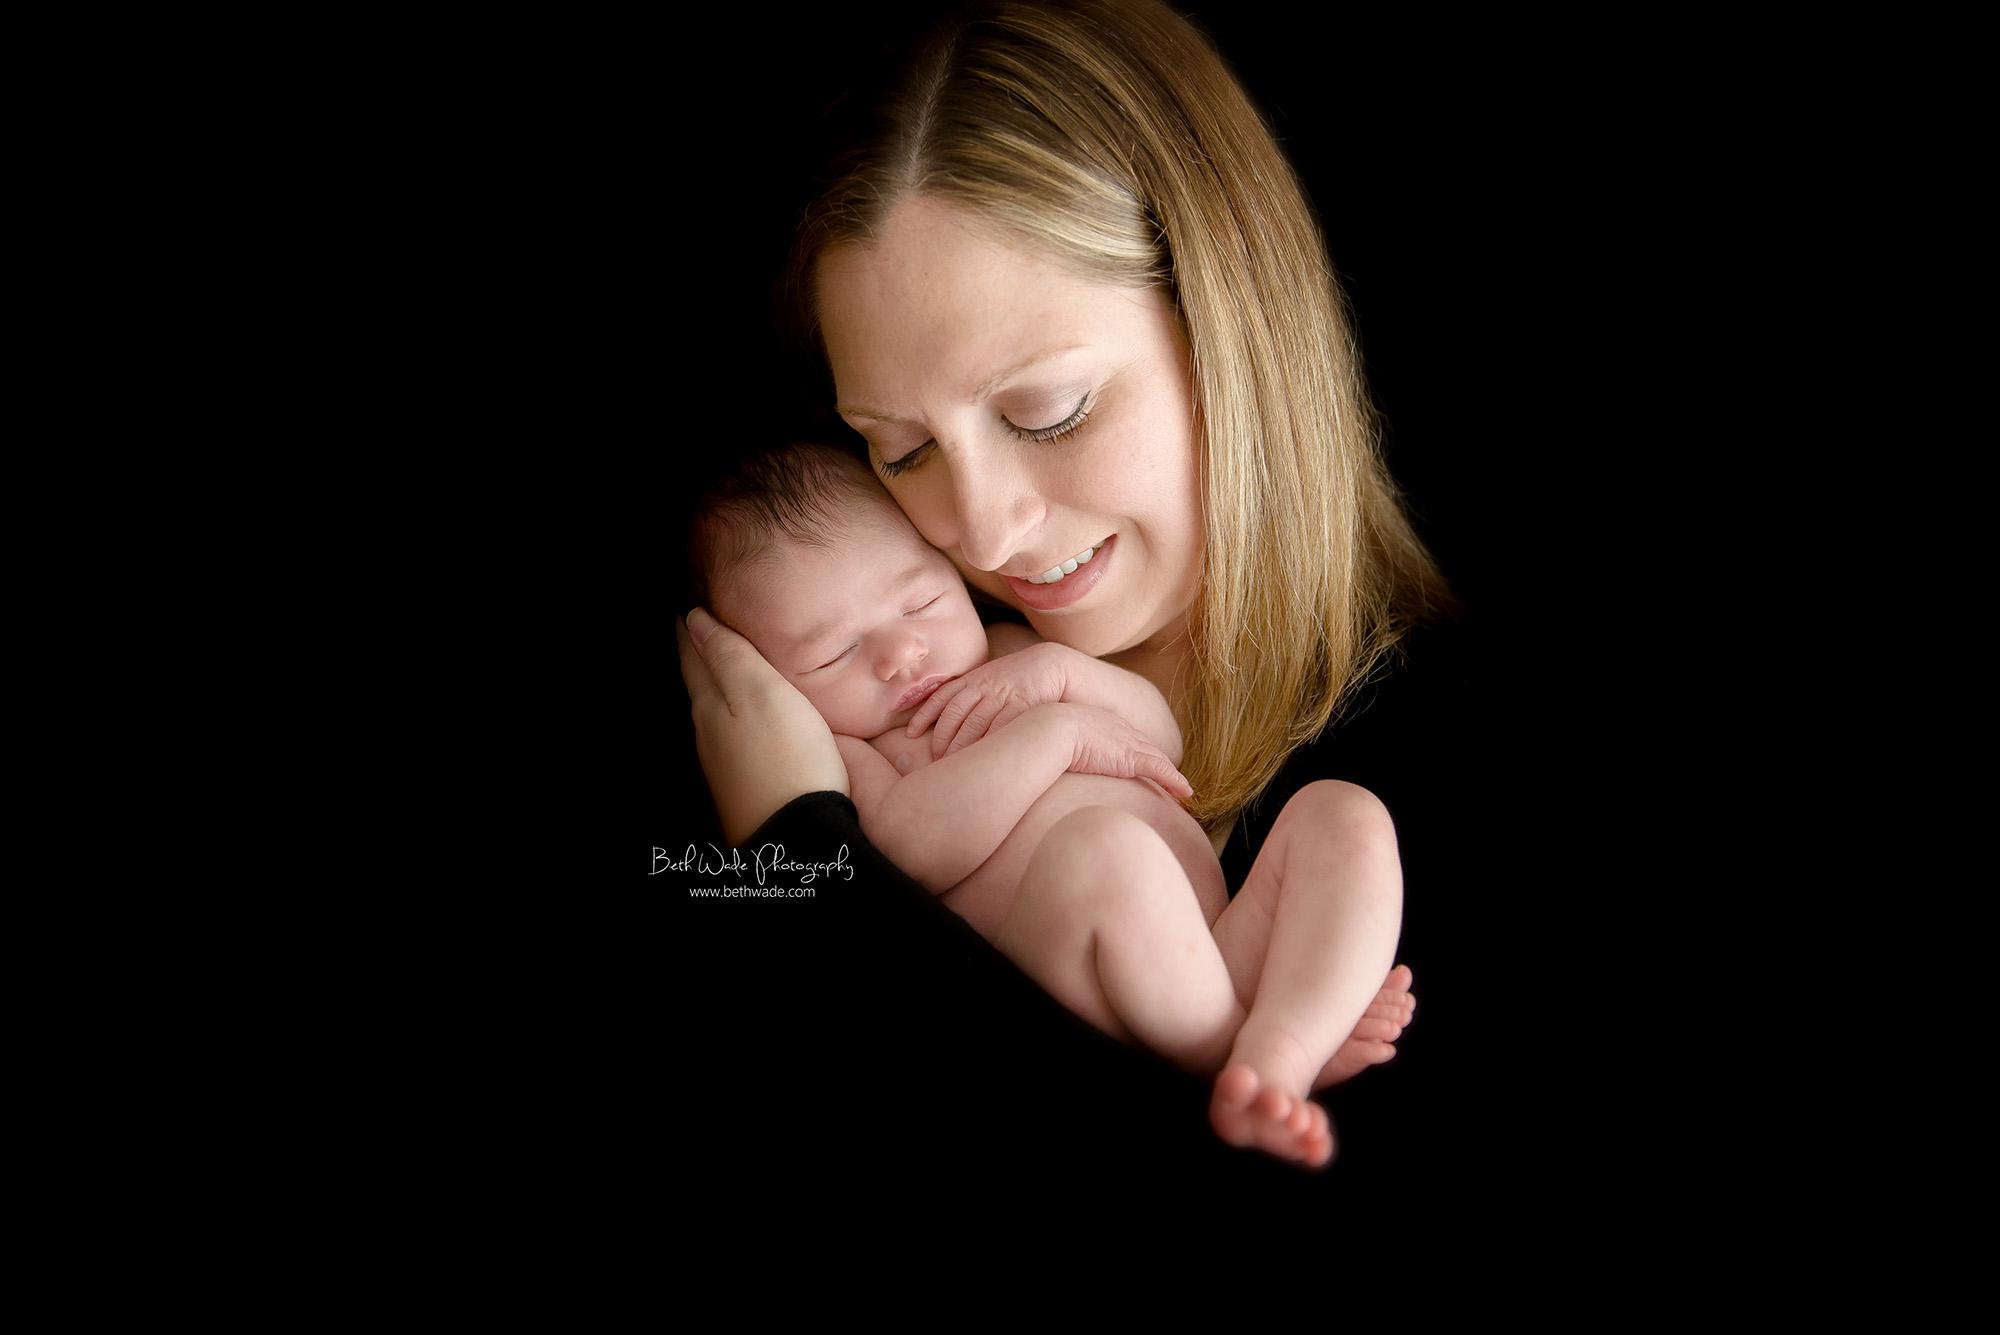 7 days new baby girl ~ family of 3 {charlotte newborn photographer}